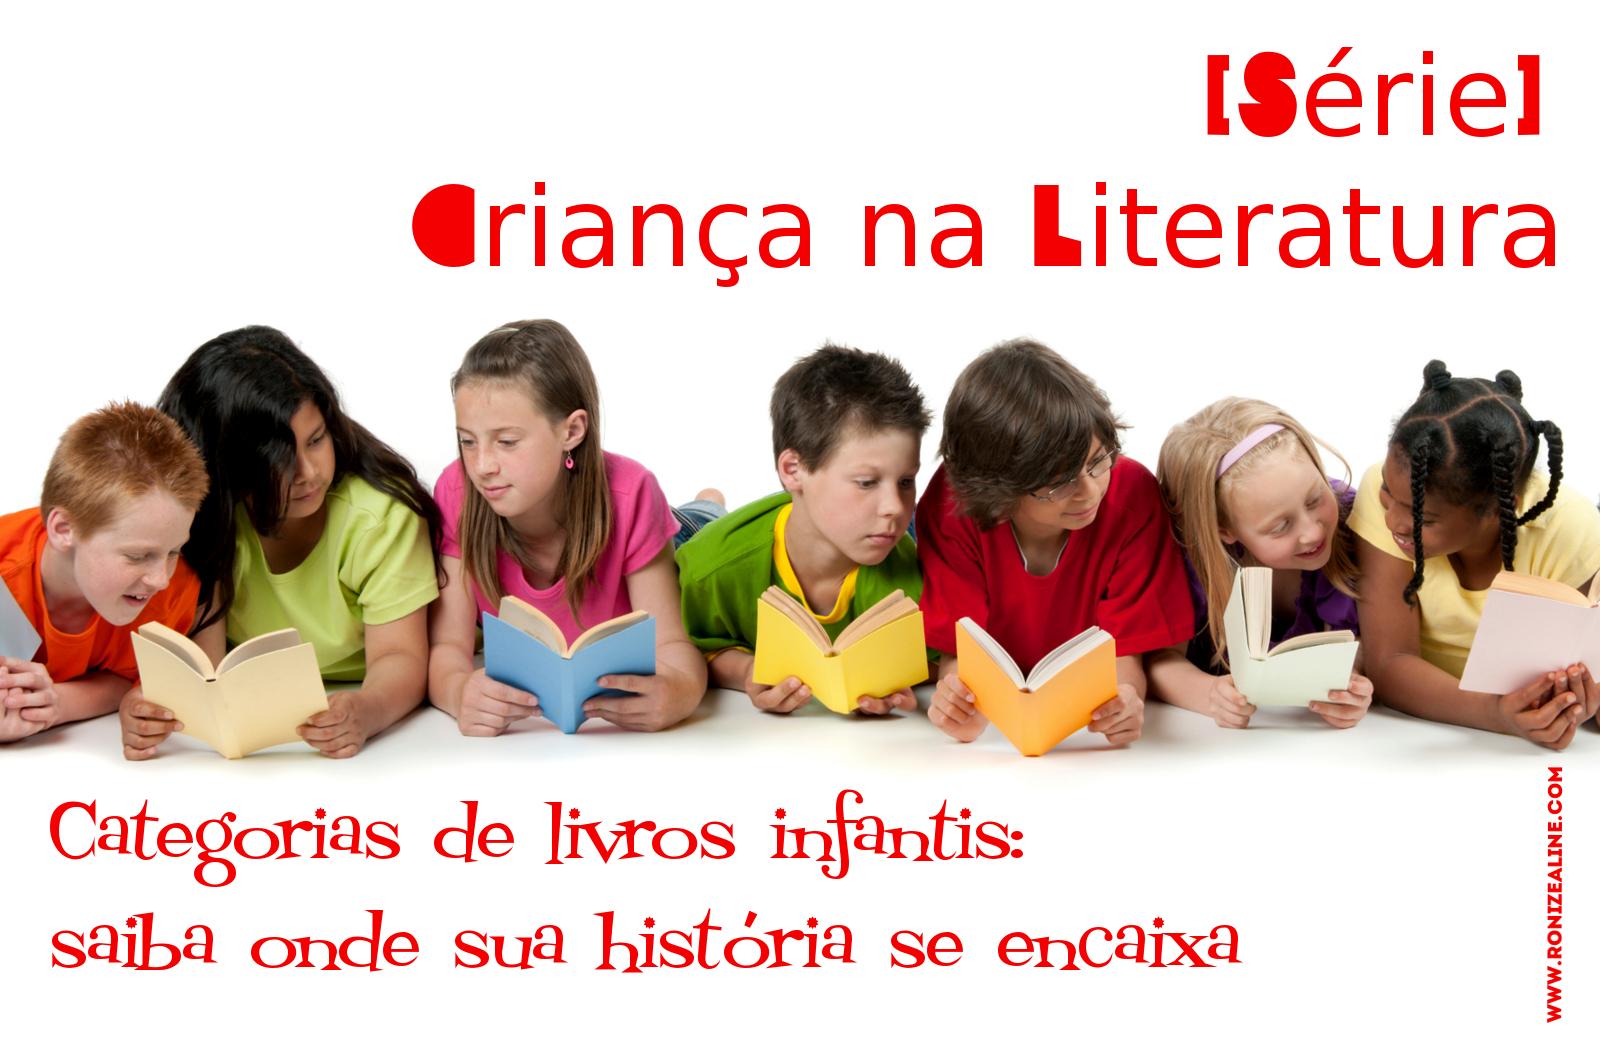 categorias de livros infantis